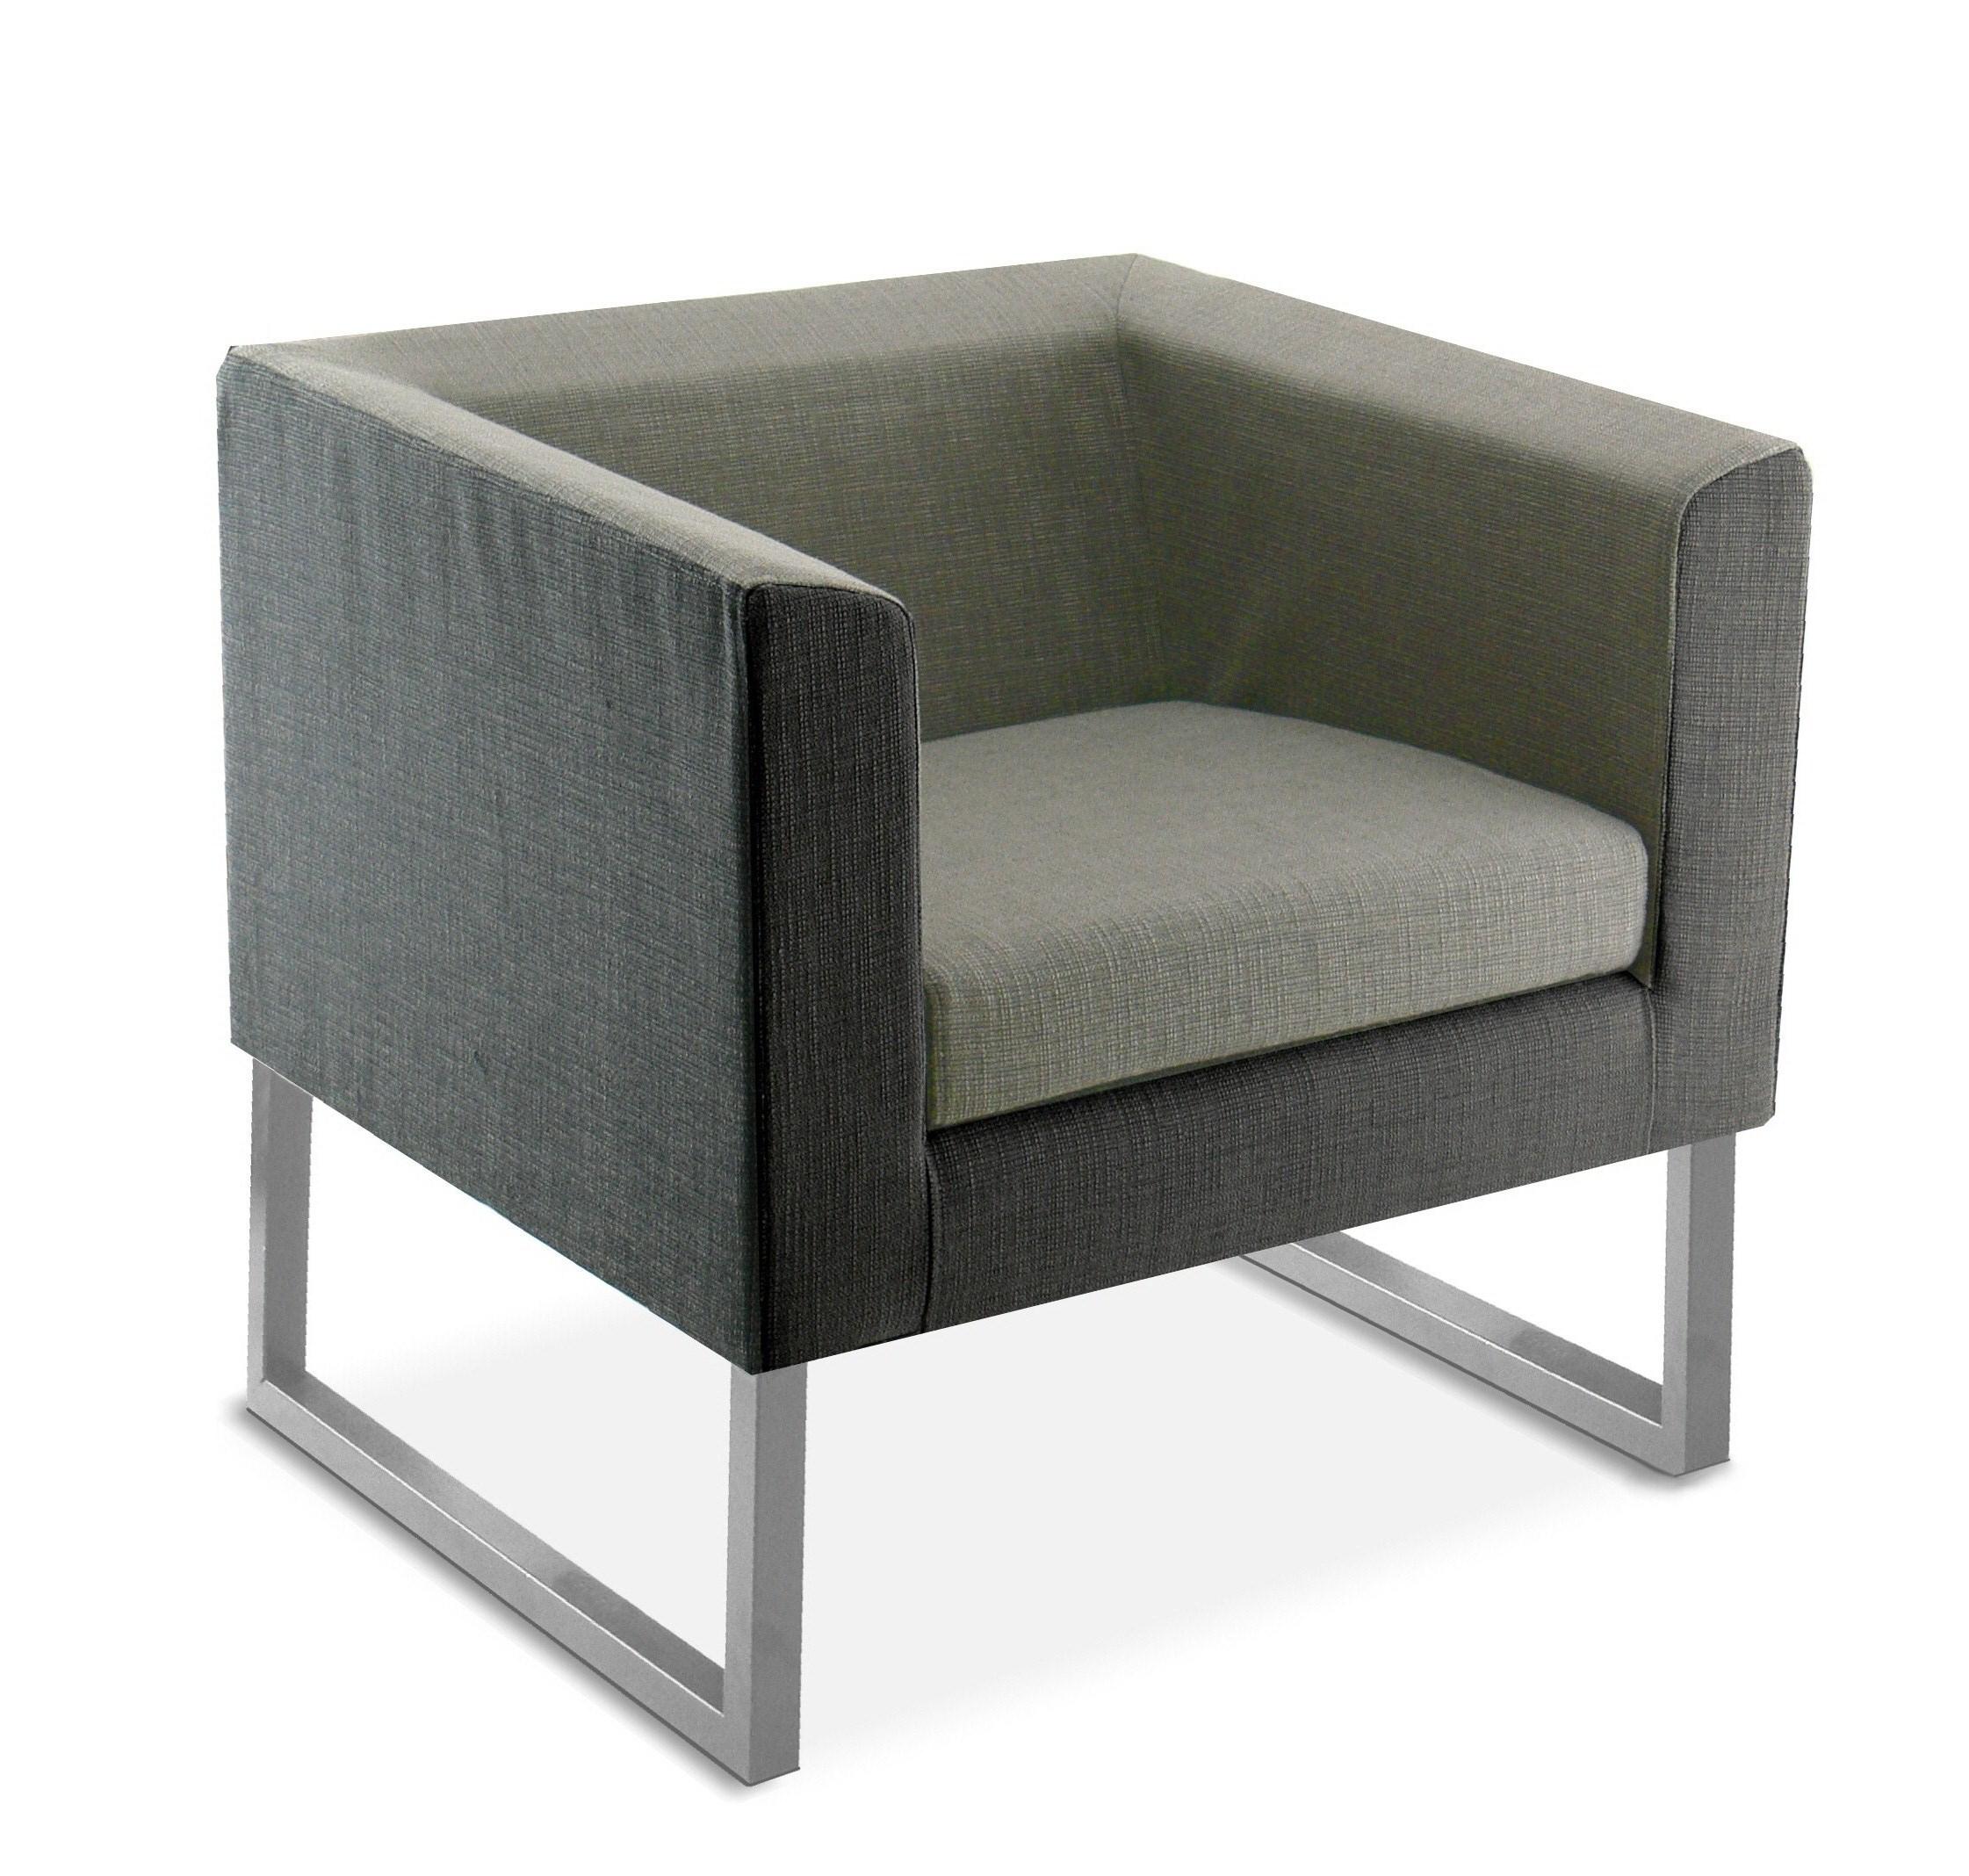 dpc accueil fauteuil 1 place punta. Black Bedroom Furniture Sets. Home Design Ideas